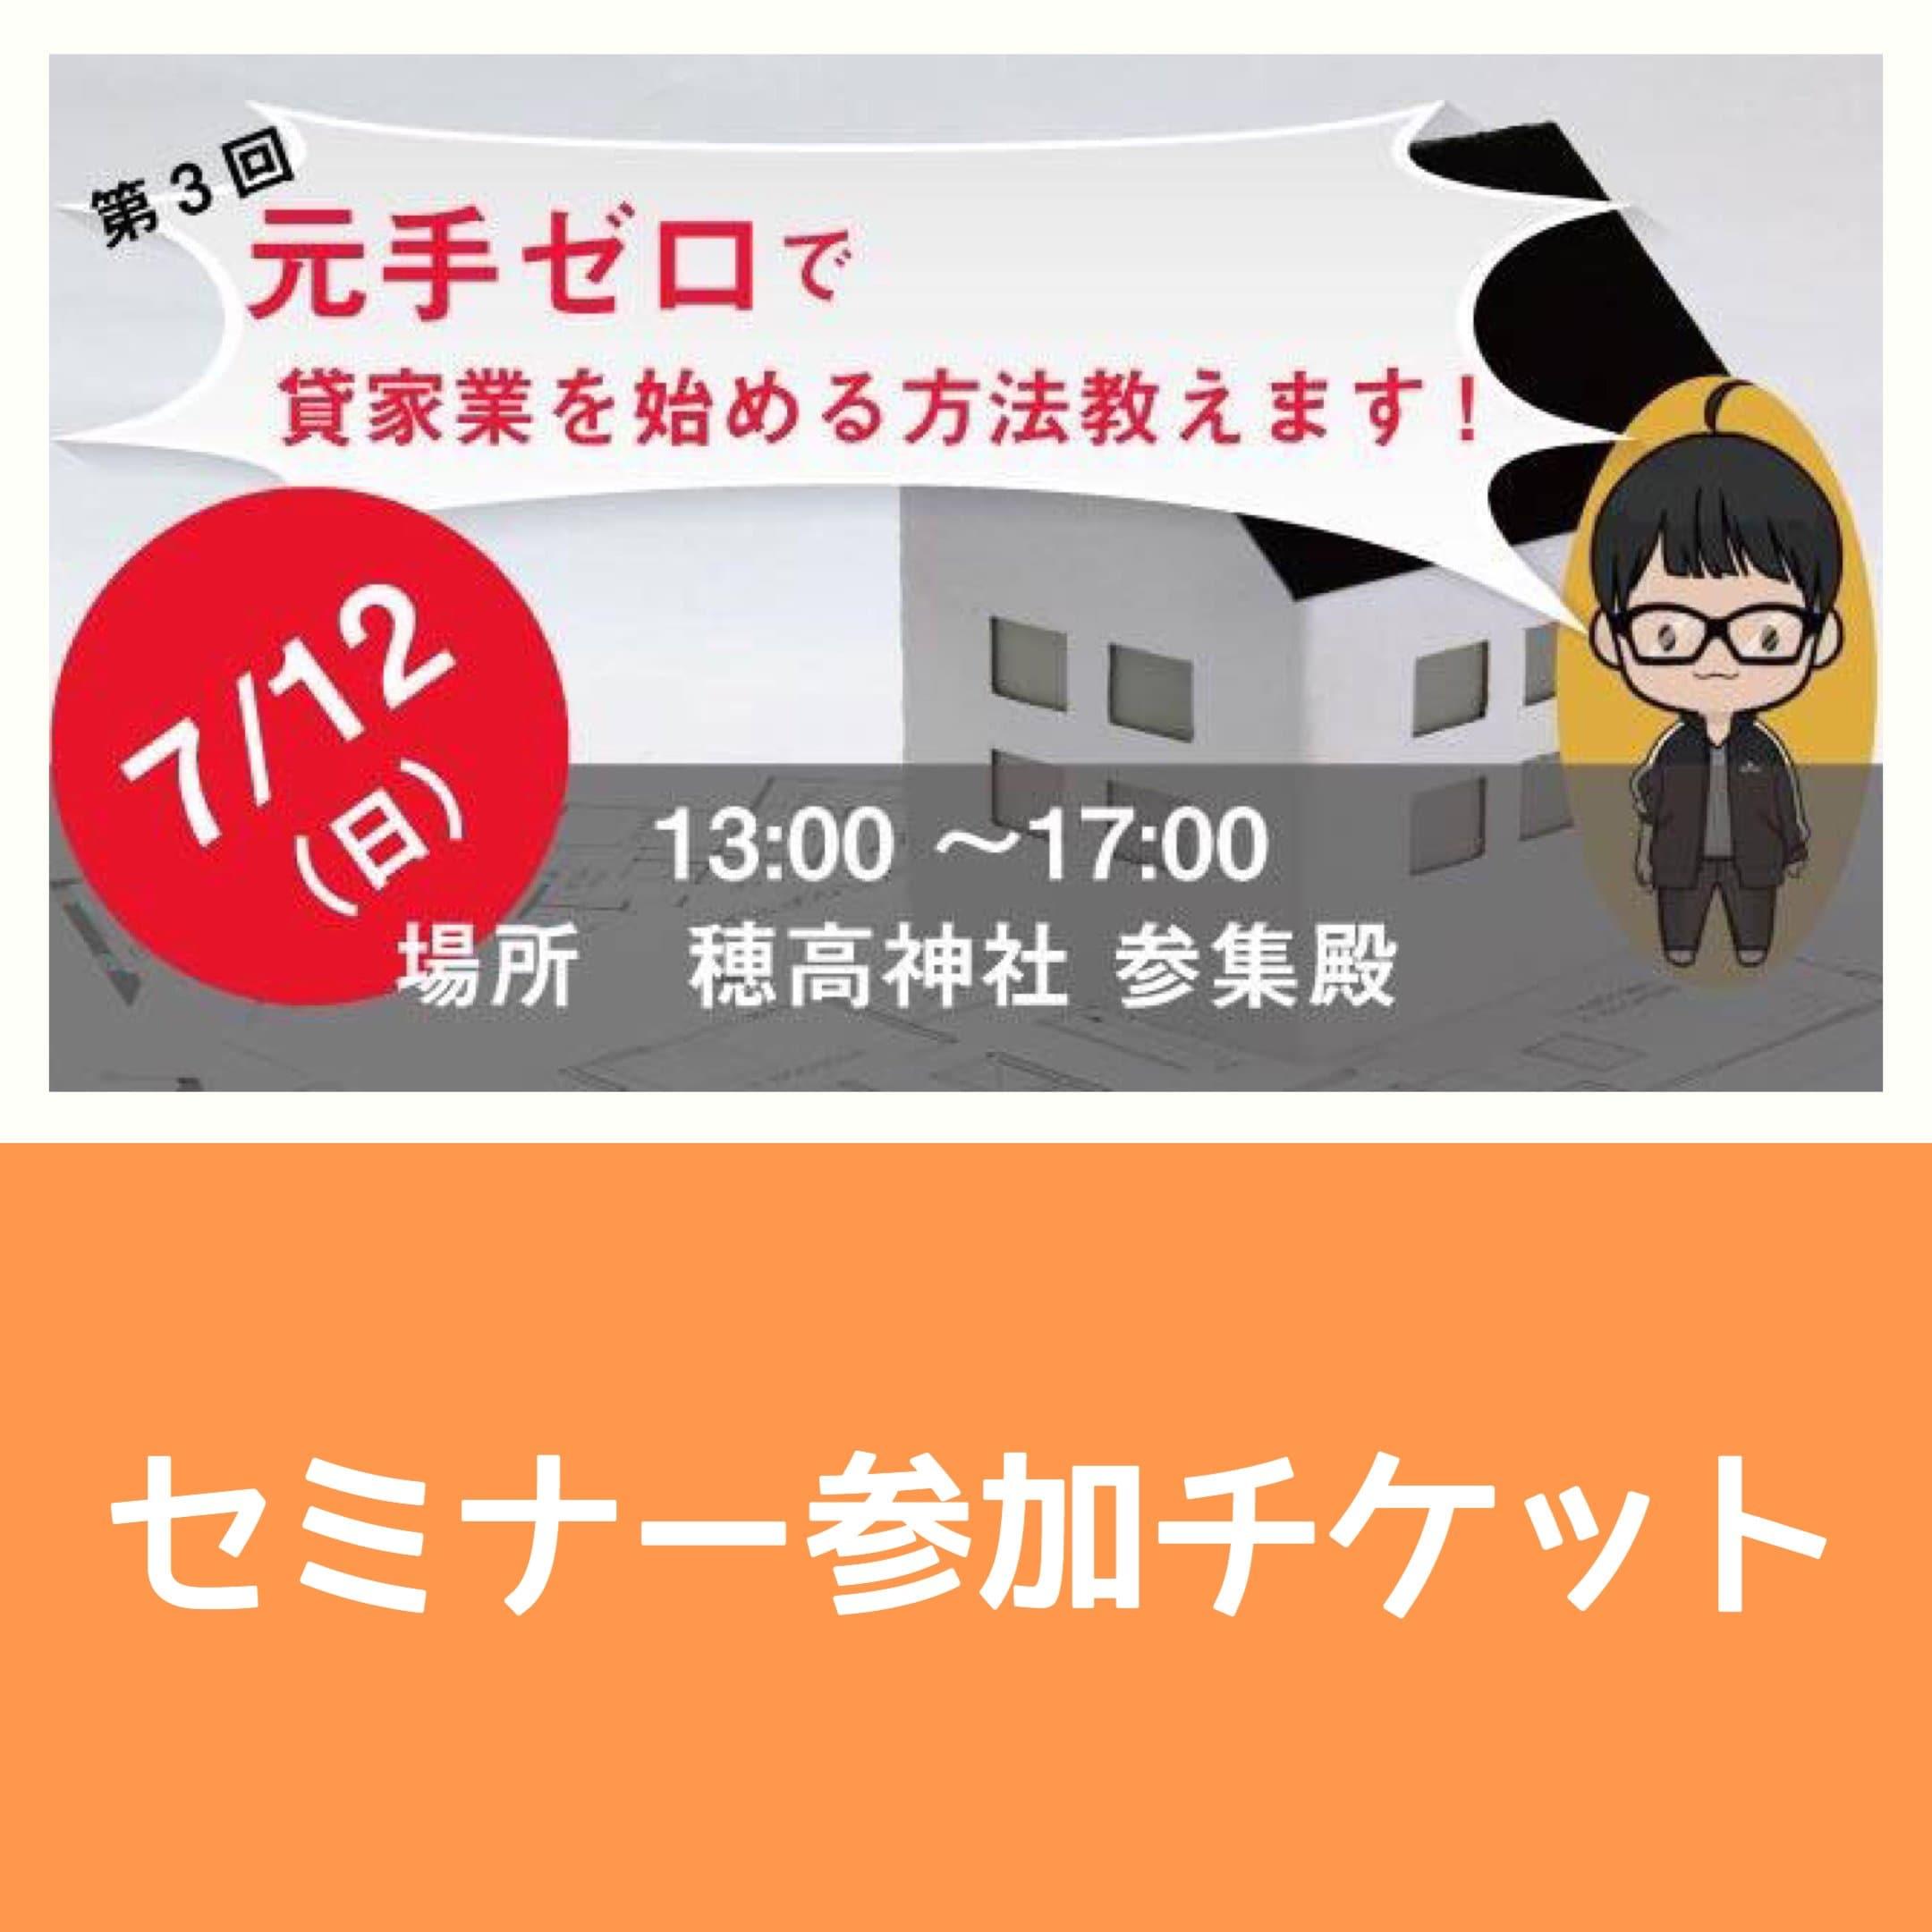 【学割チケット】7/12(日)元手ゼロで貸家業を始める方法教えます! 限定10名学生応援セミナー参加チケットのイメージその1